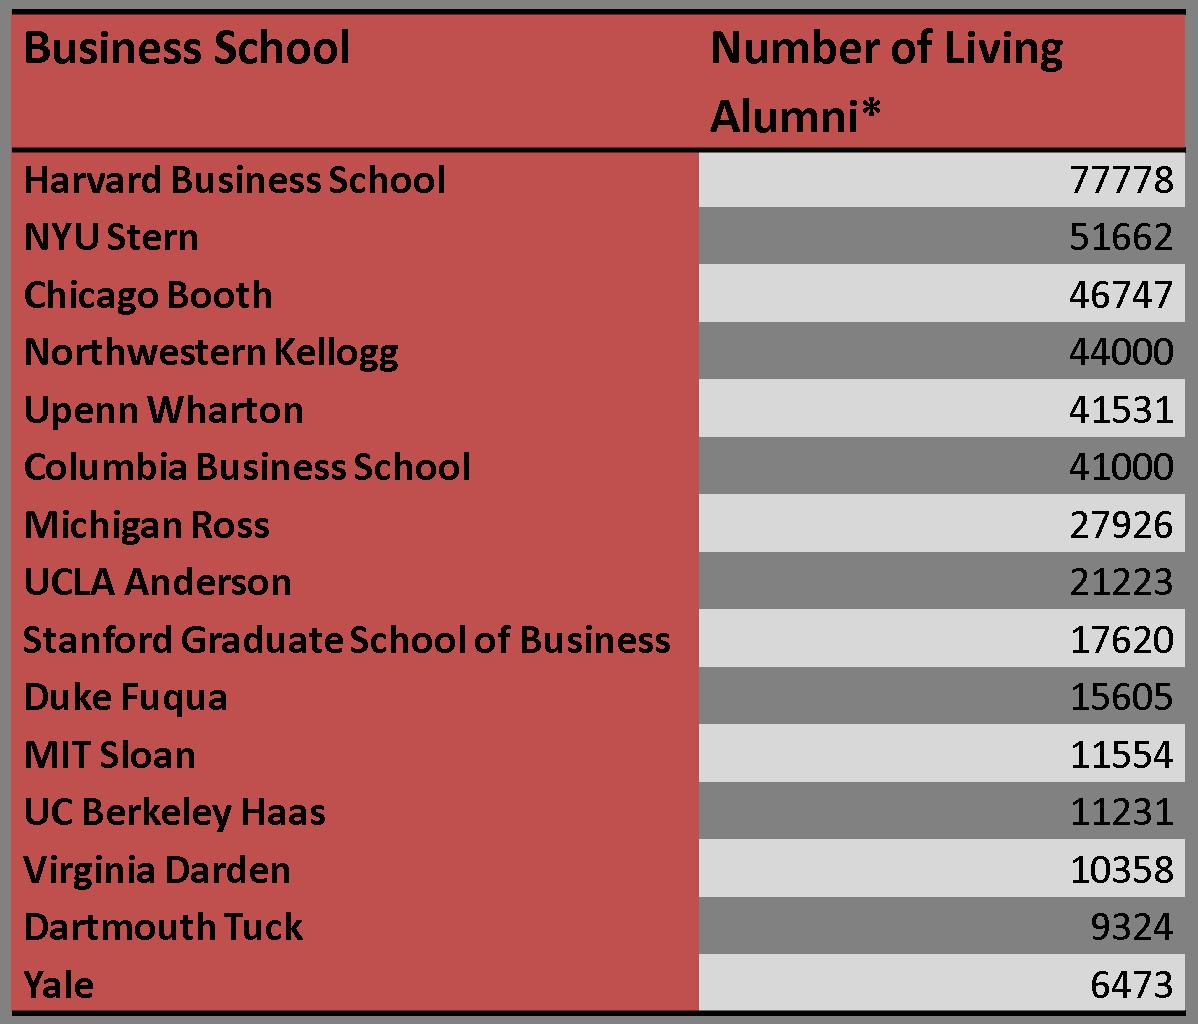 Number of Living Business School Alumni